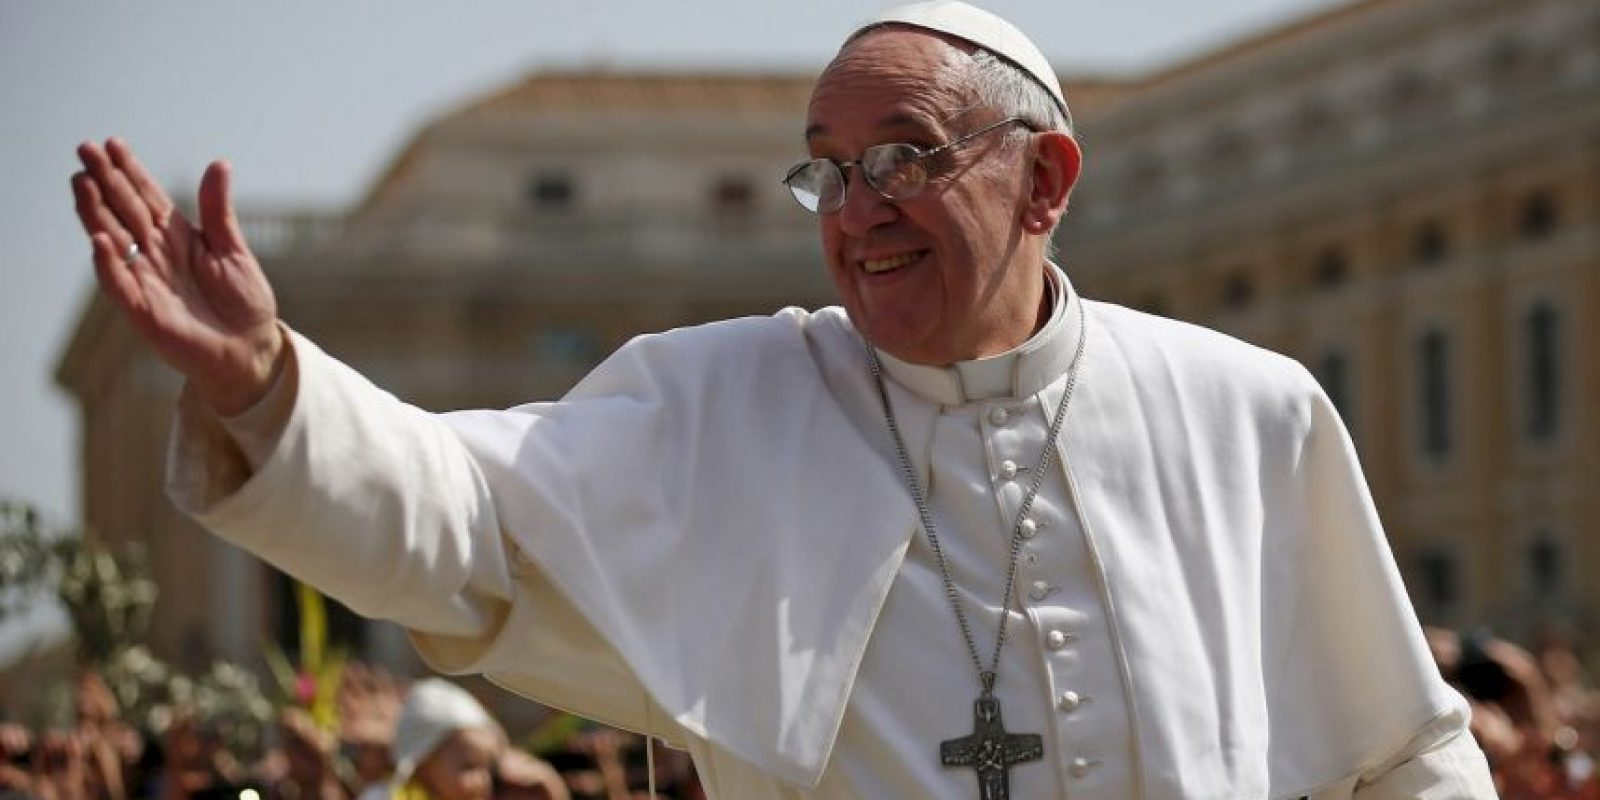 3. Mientras, en Paraguay se espera que un coro de presas cante para el religioso. Foto:Getty Images